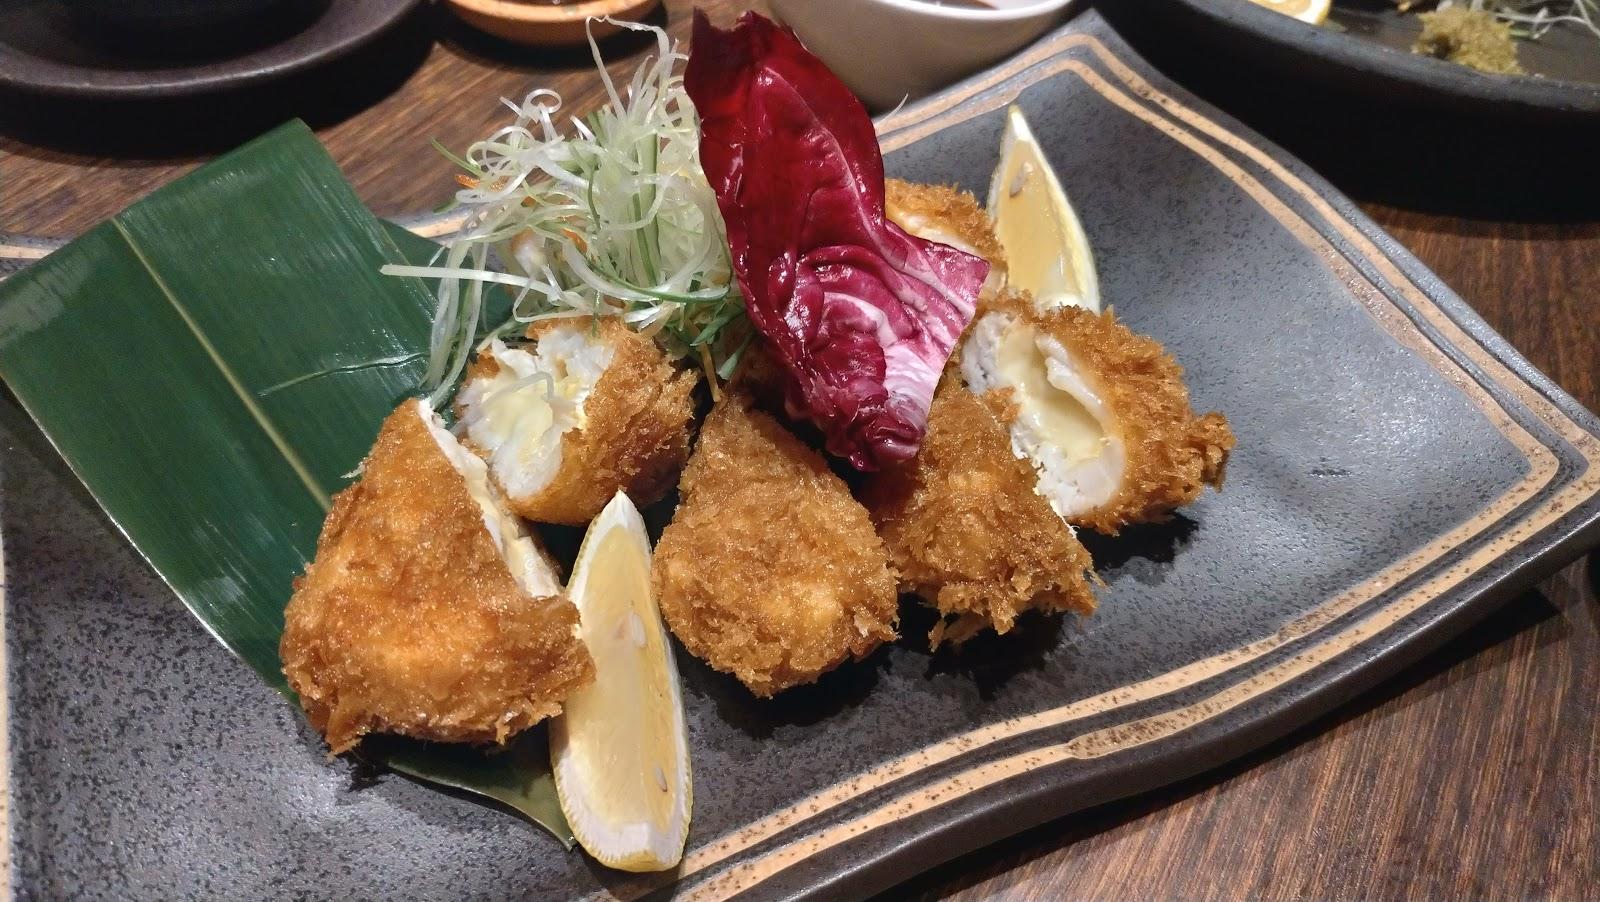 ささみのチーズフライ 長崎市居酒屋の魚店亜紗 (うおだなあさ)がスーパーおすすめ!